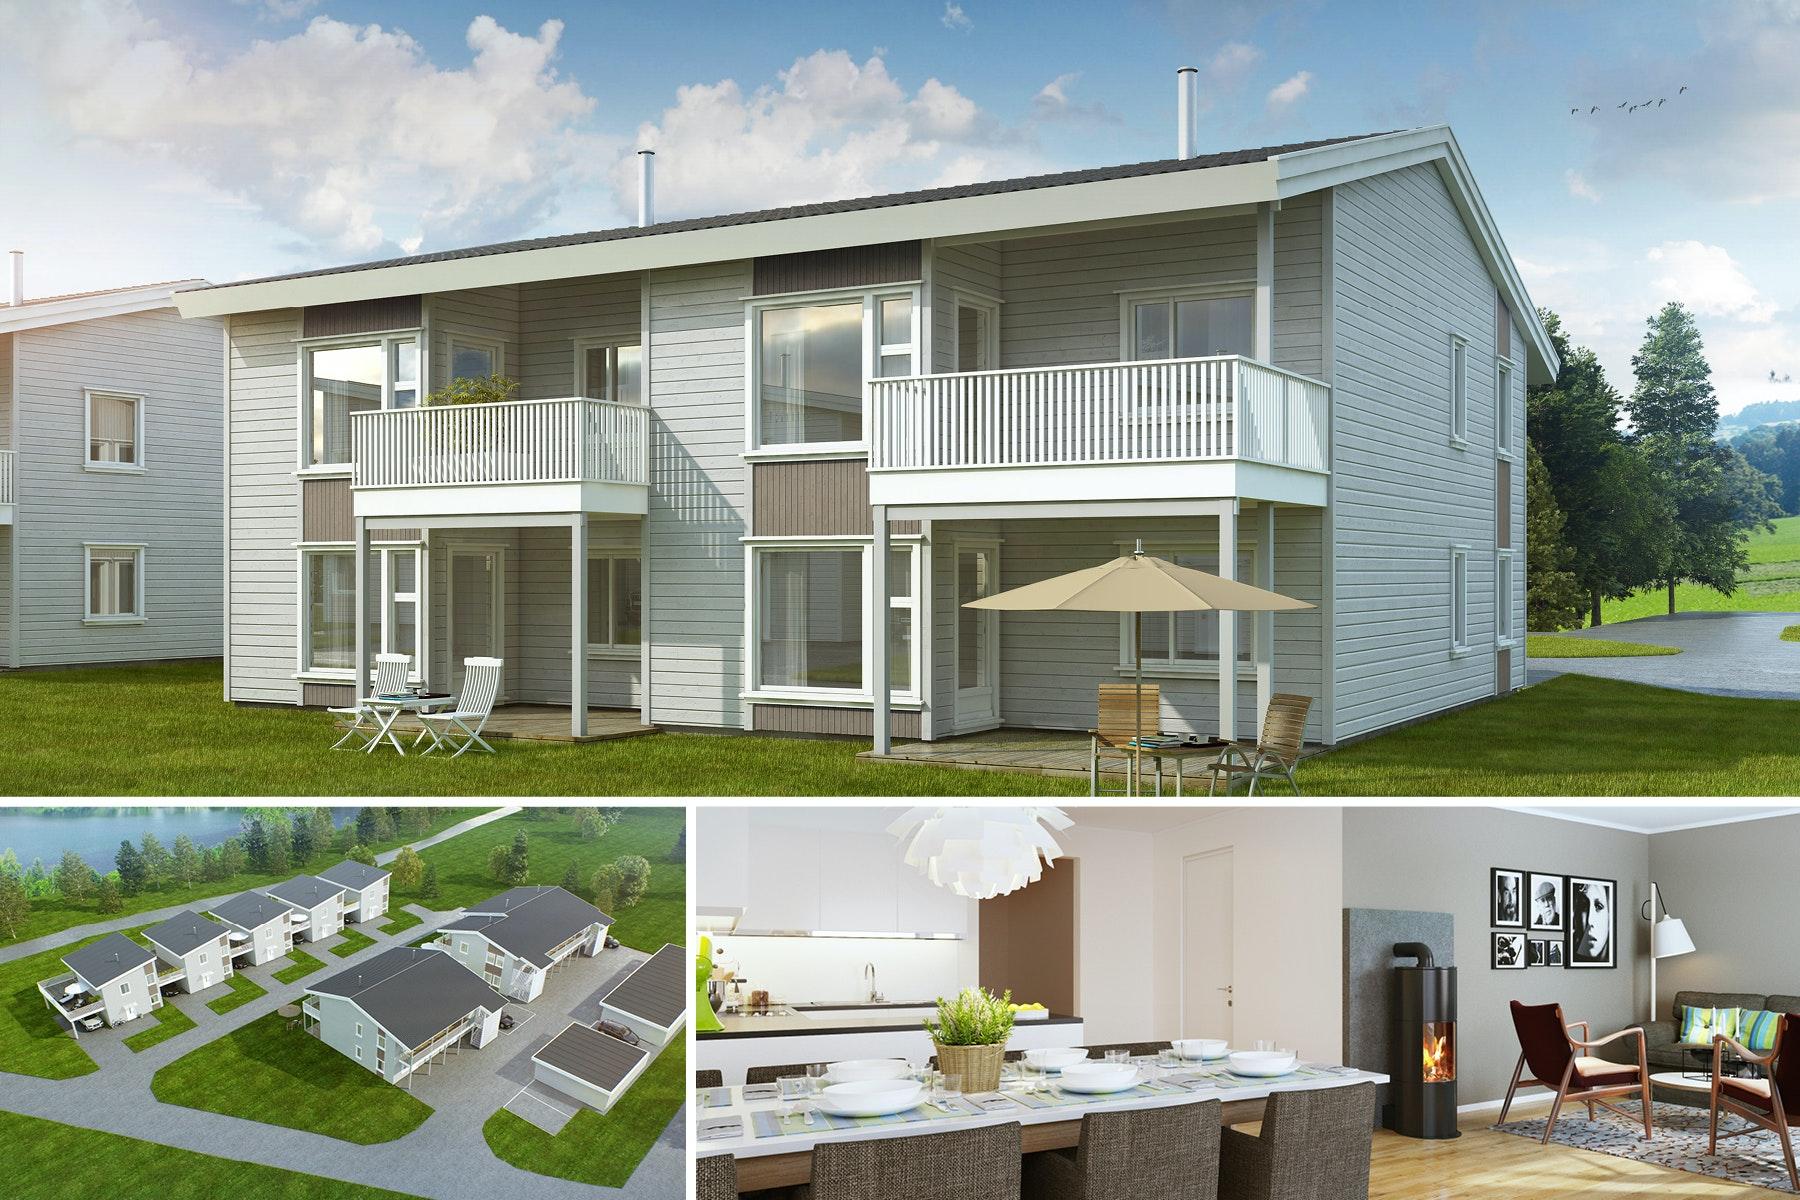 Visning Tor 28/3 kl 18-18:30-Innflytningsklar! Moderne leiligheter med alt på ett plan - 3 soverom -Carport - Solrikt!